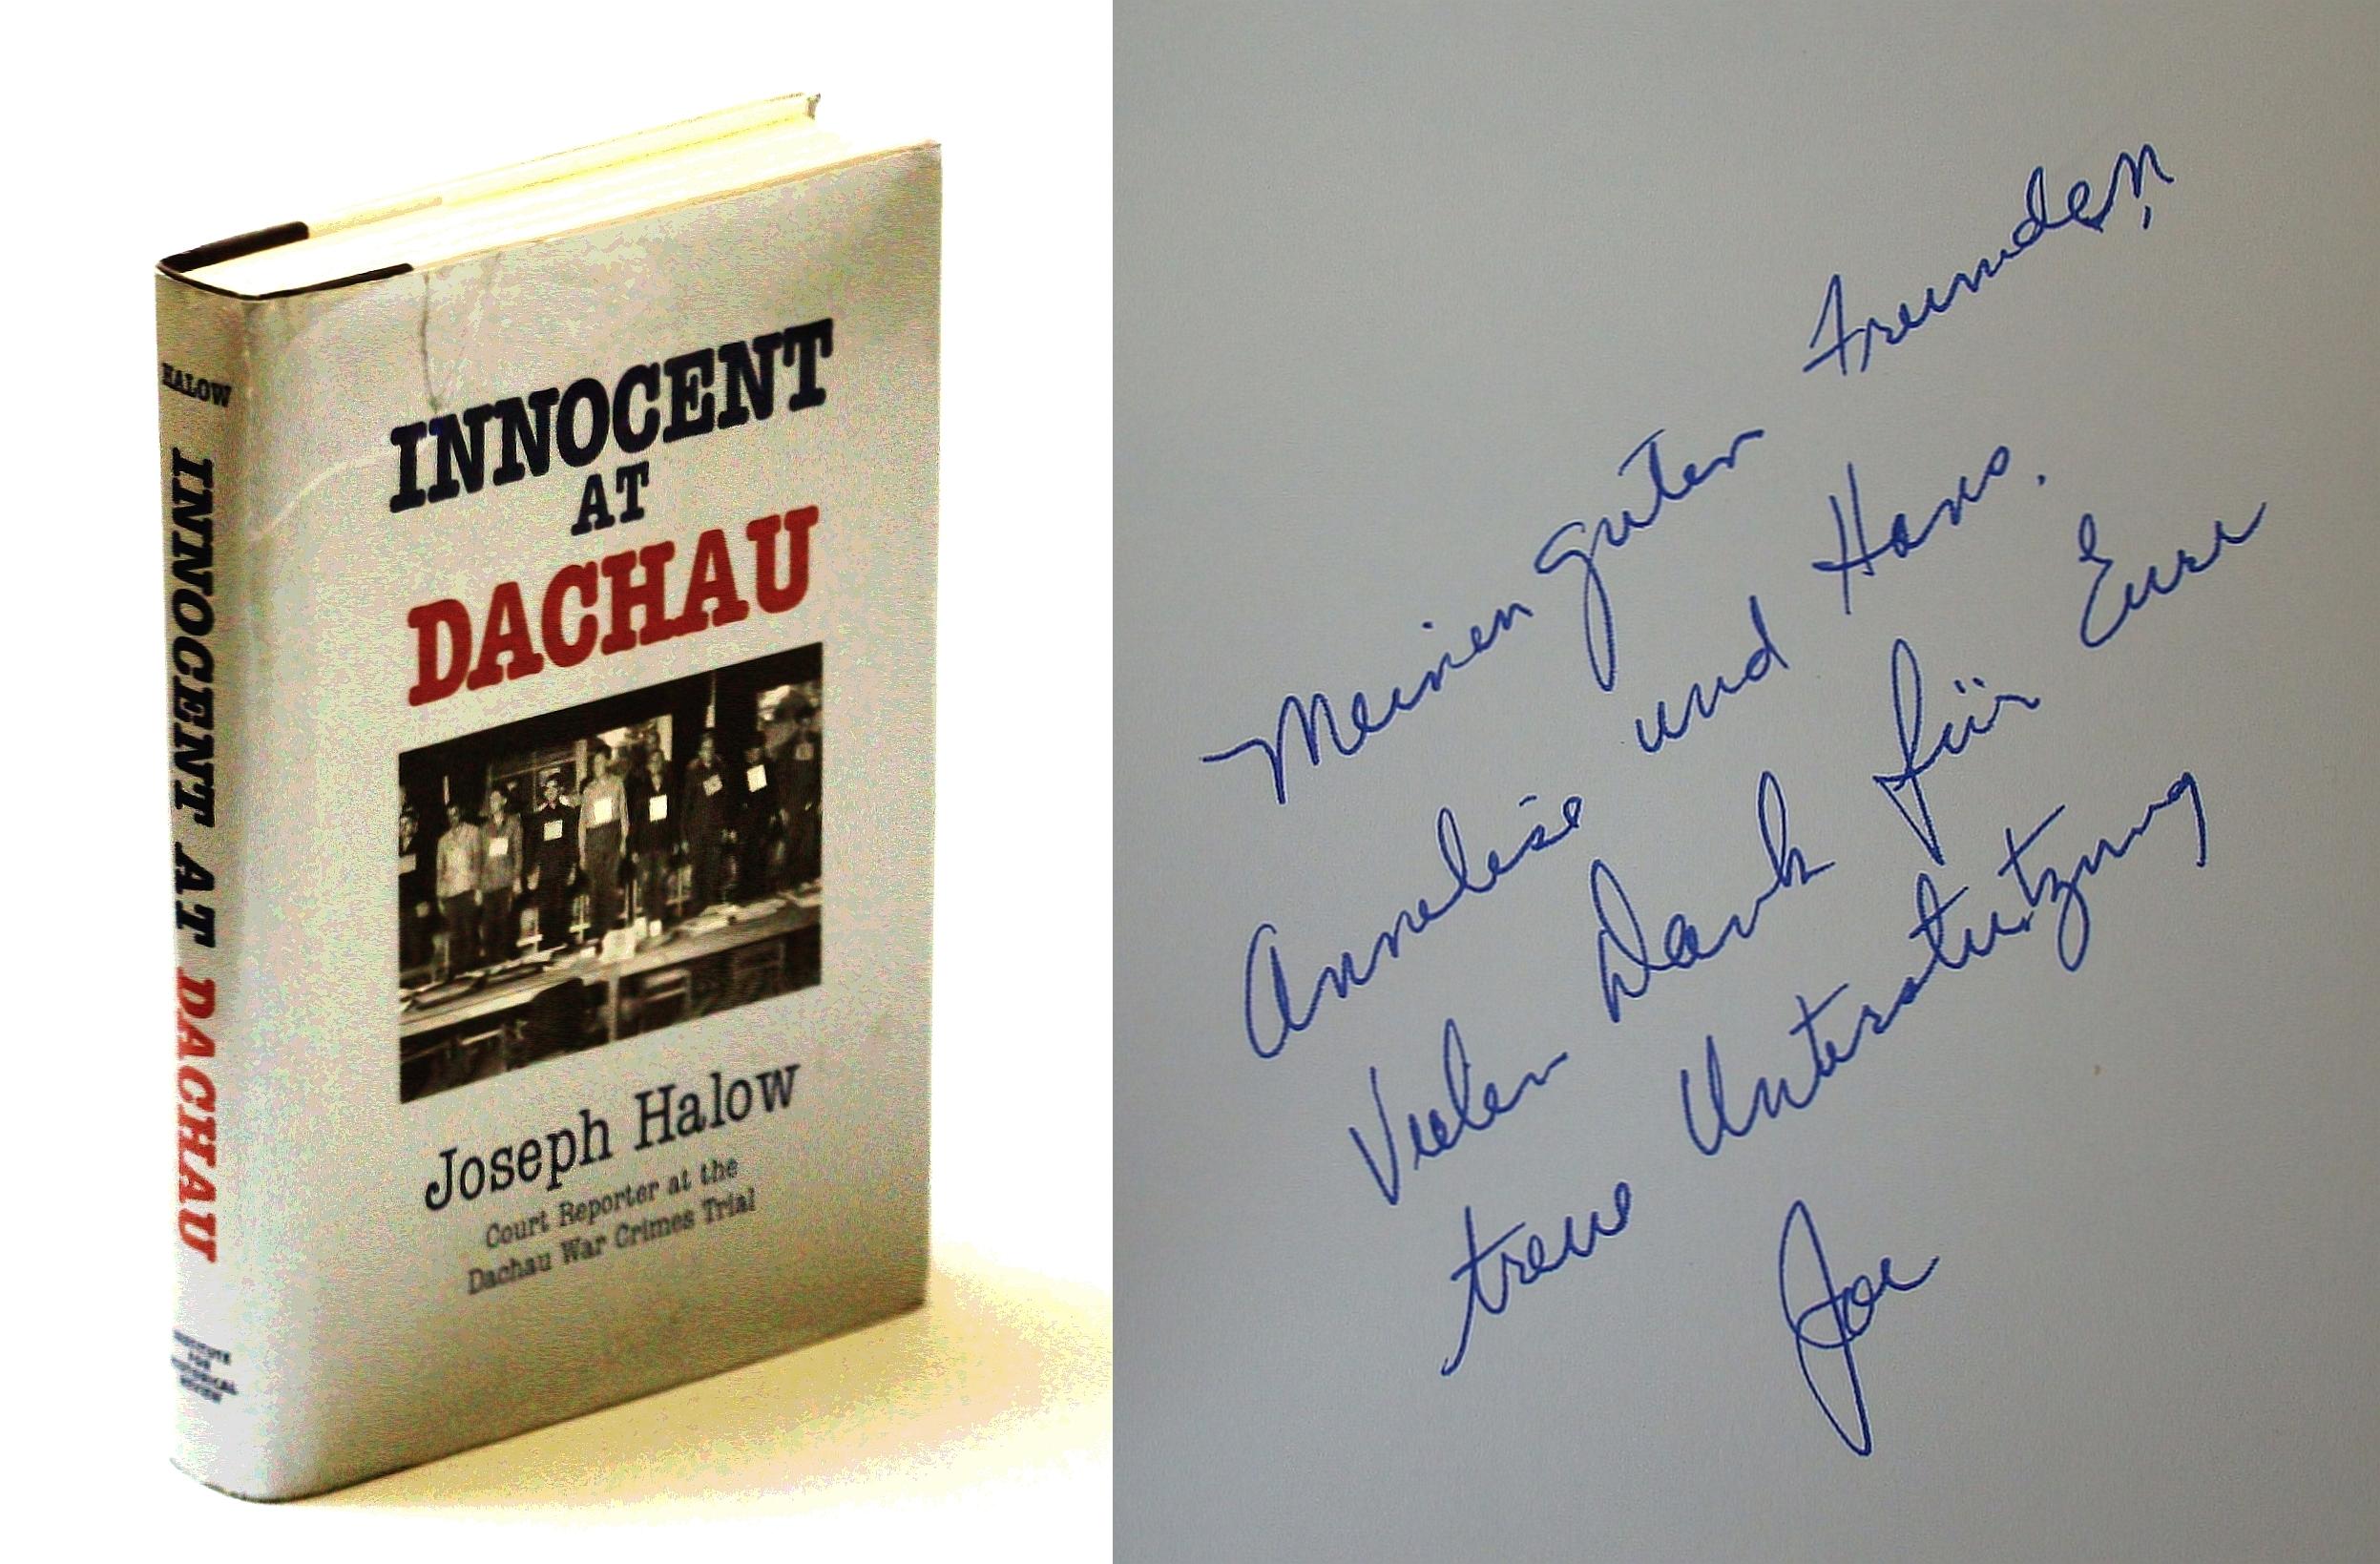 Innocent at Dachau